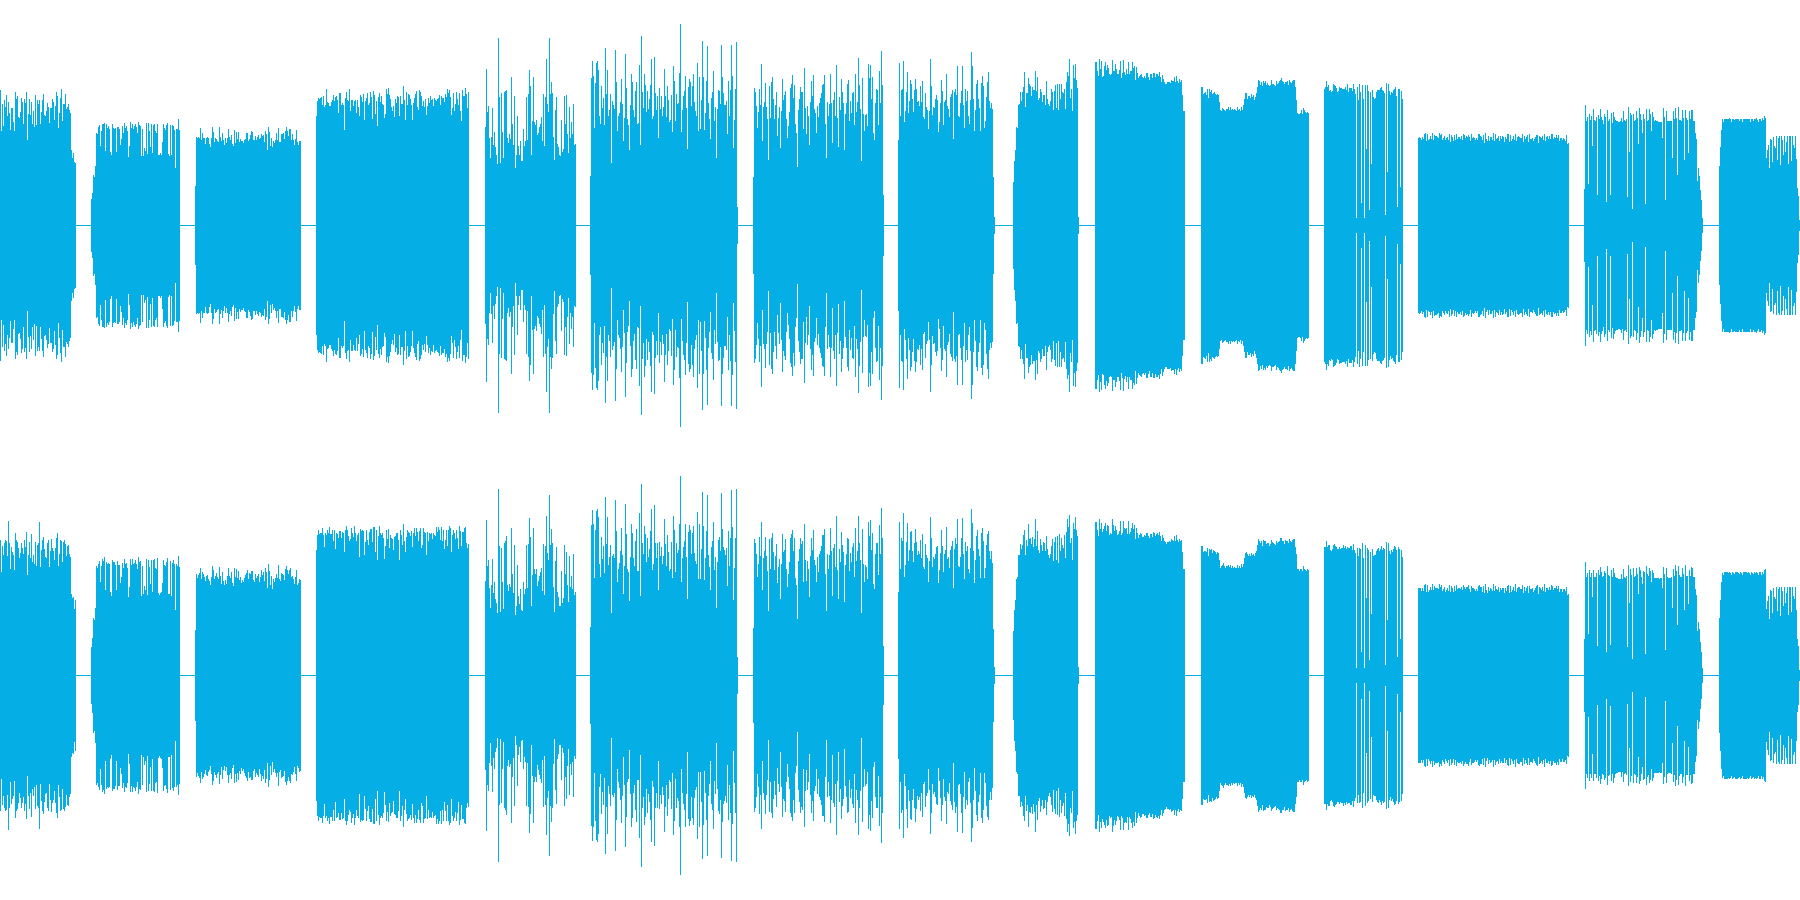 サンプル&ホールド、15乾燥バージ...の再生済みの波形